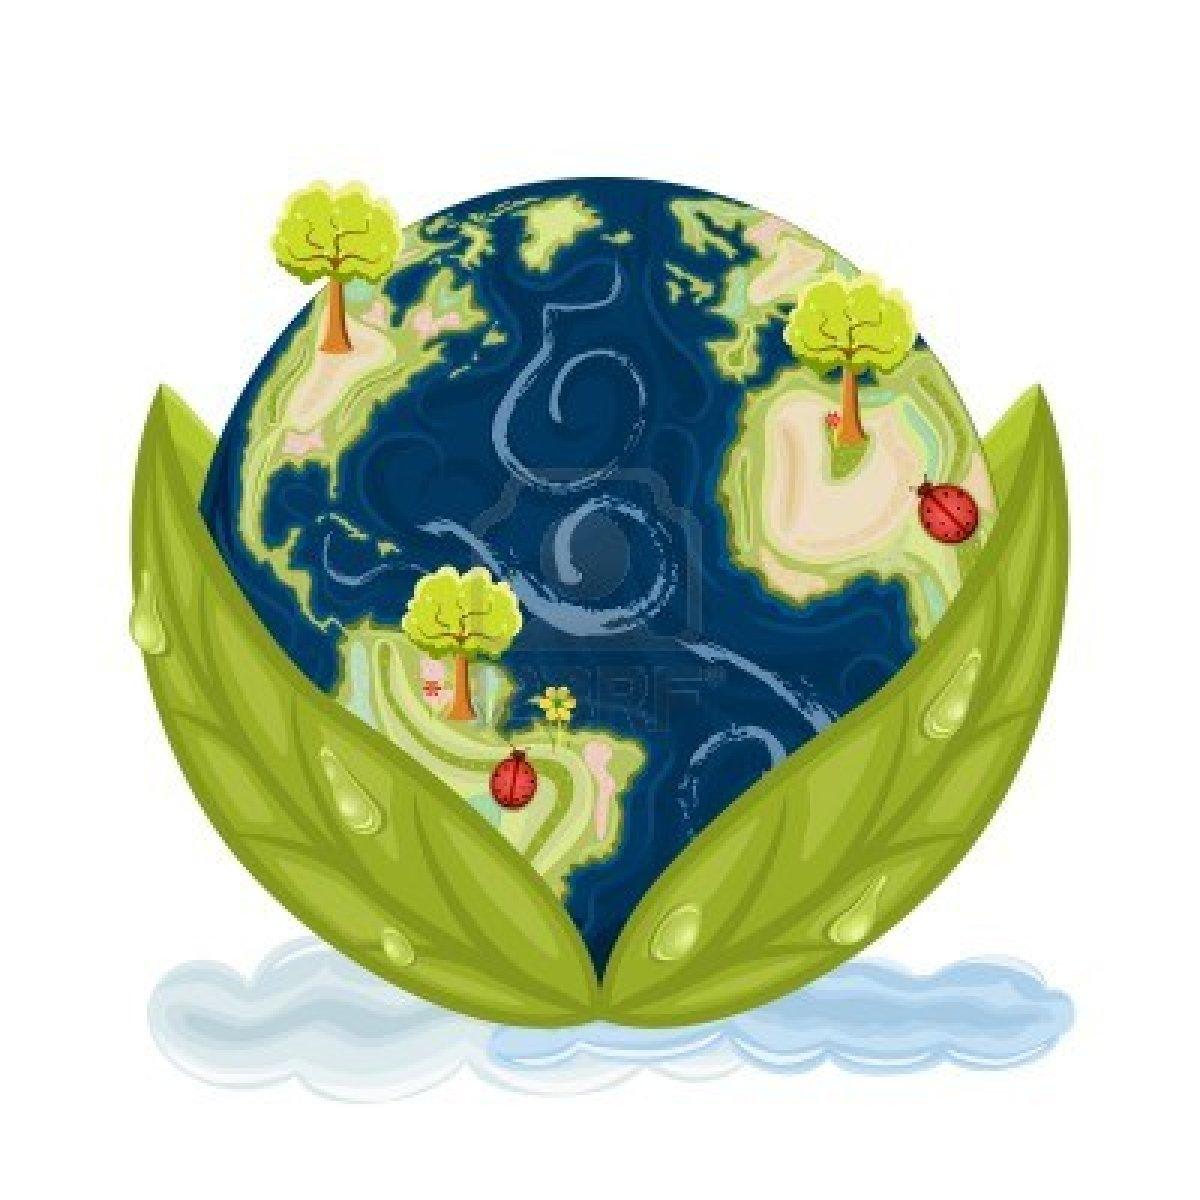 de-las-hojas-verdes-con-gotas-de-agua-conservacion-de-la-naturaleza-ai